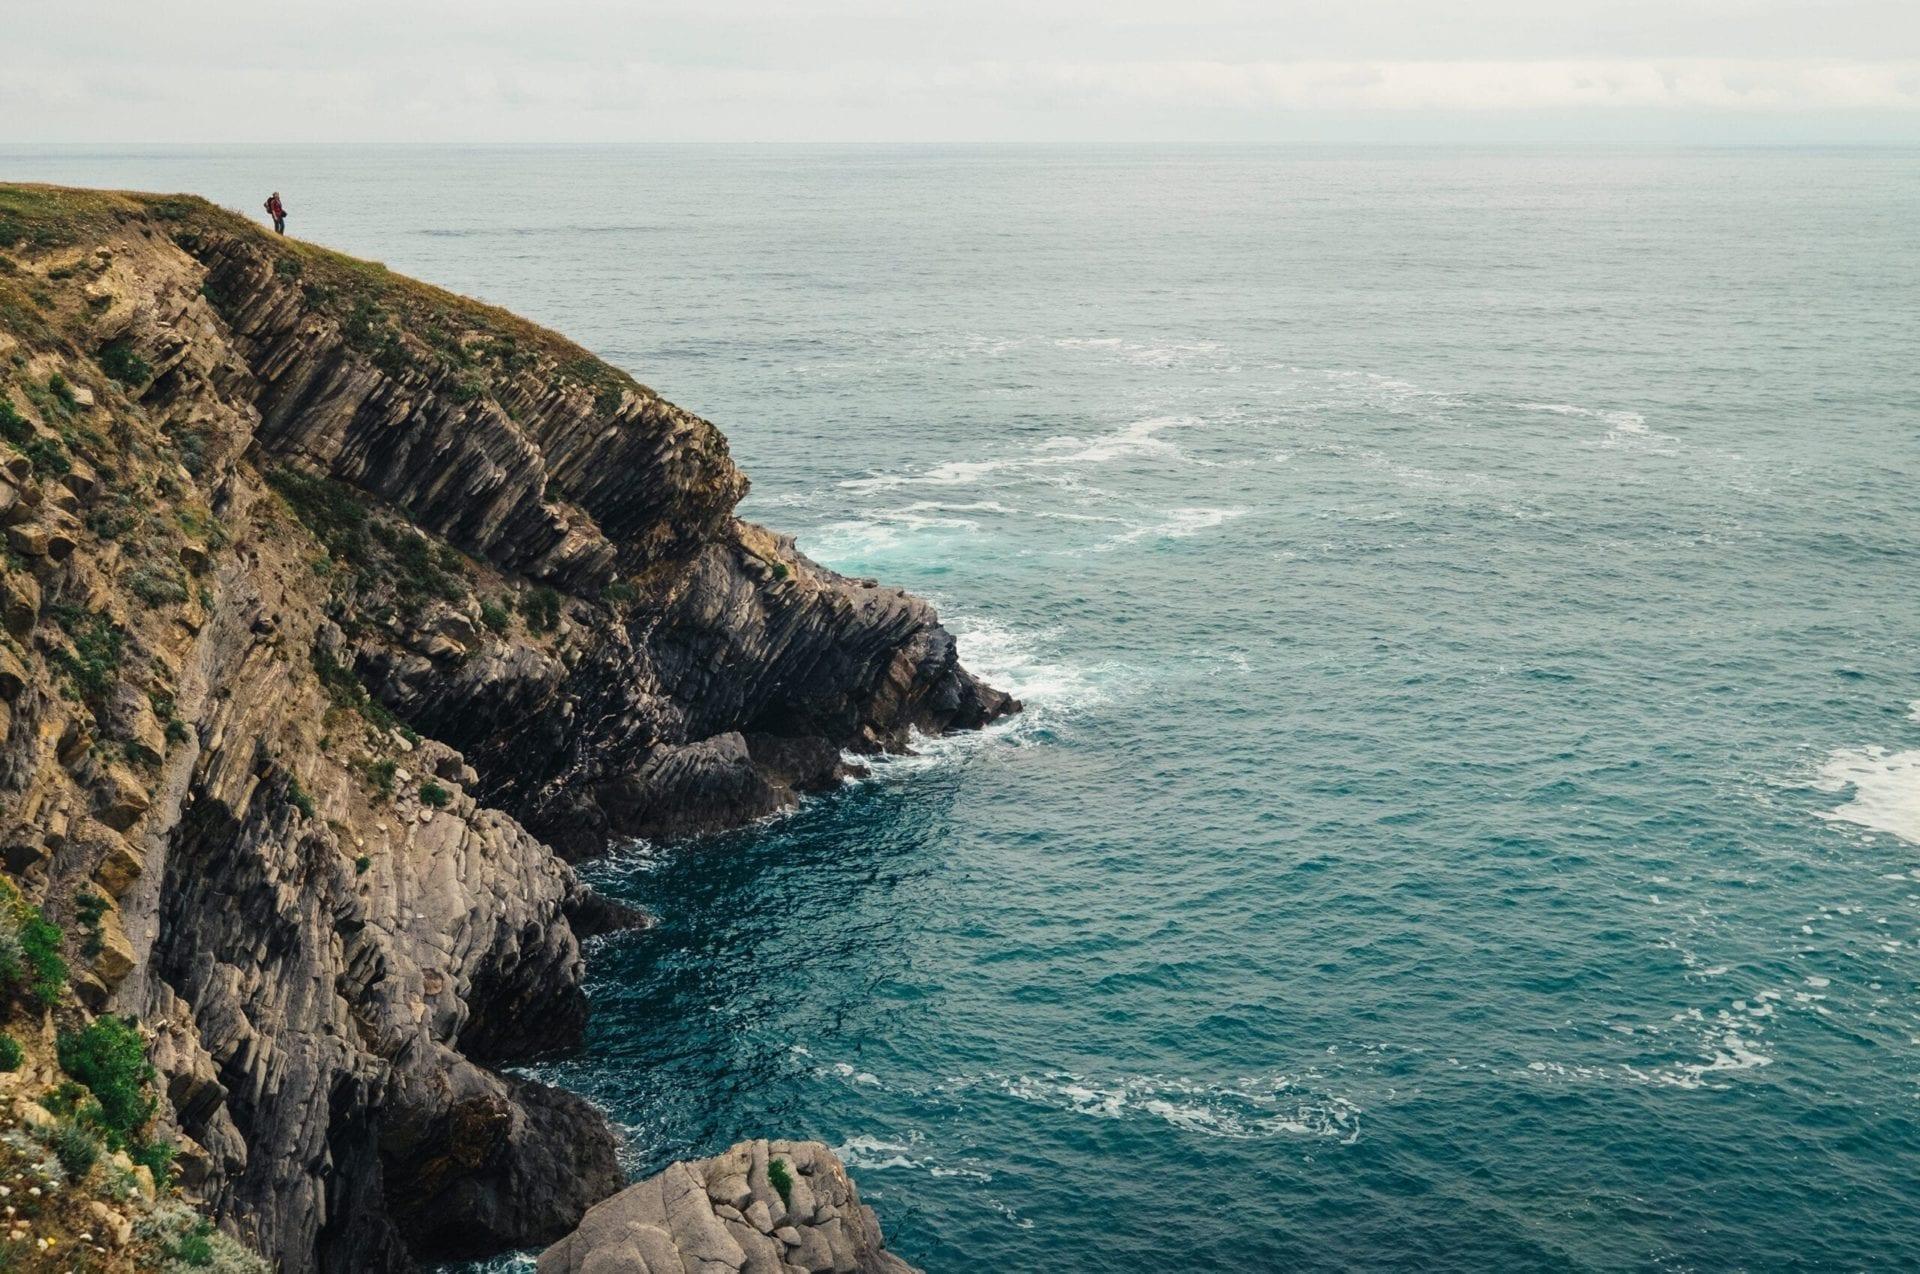 Camino de Santiago rocky cliff